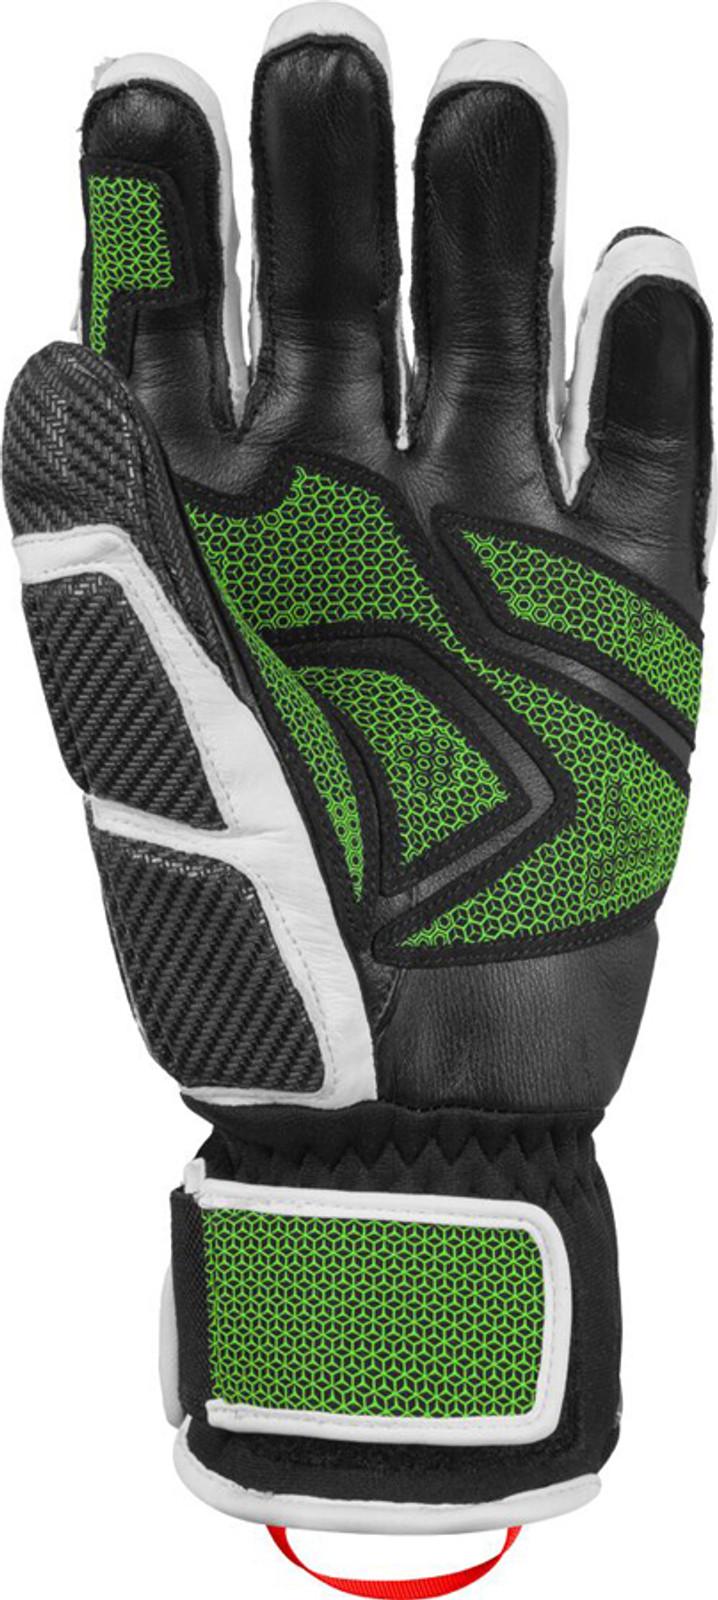 Reusch Race Tec 18 GS Gloves